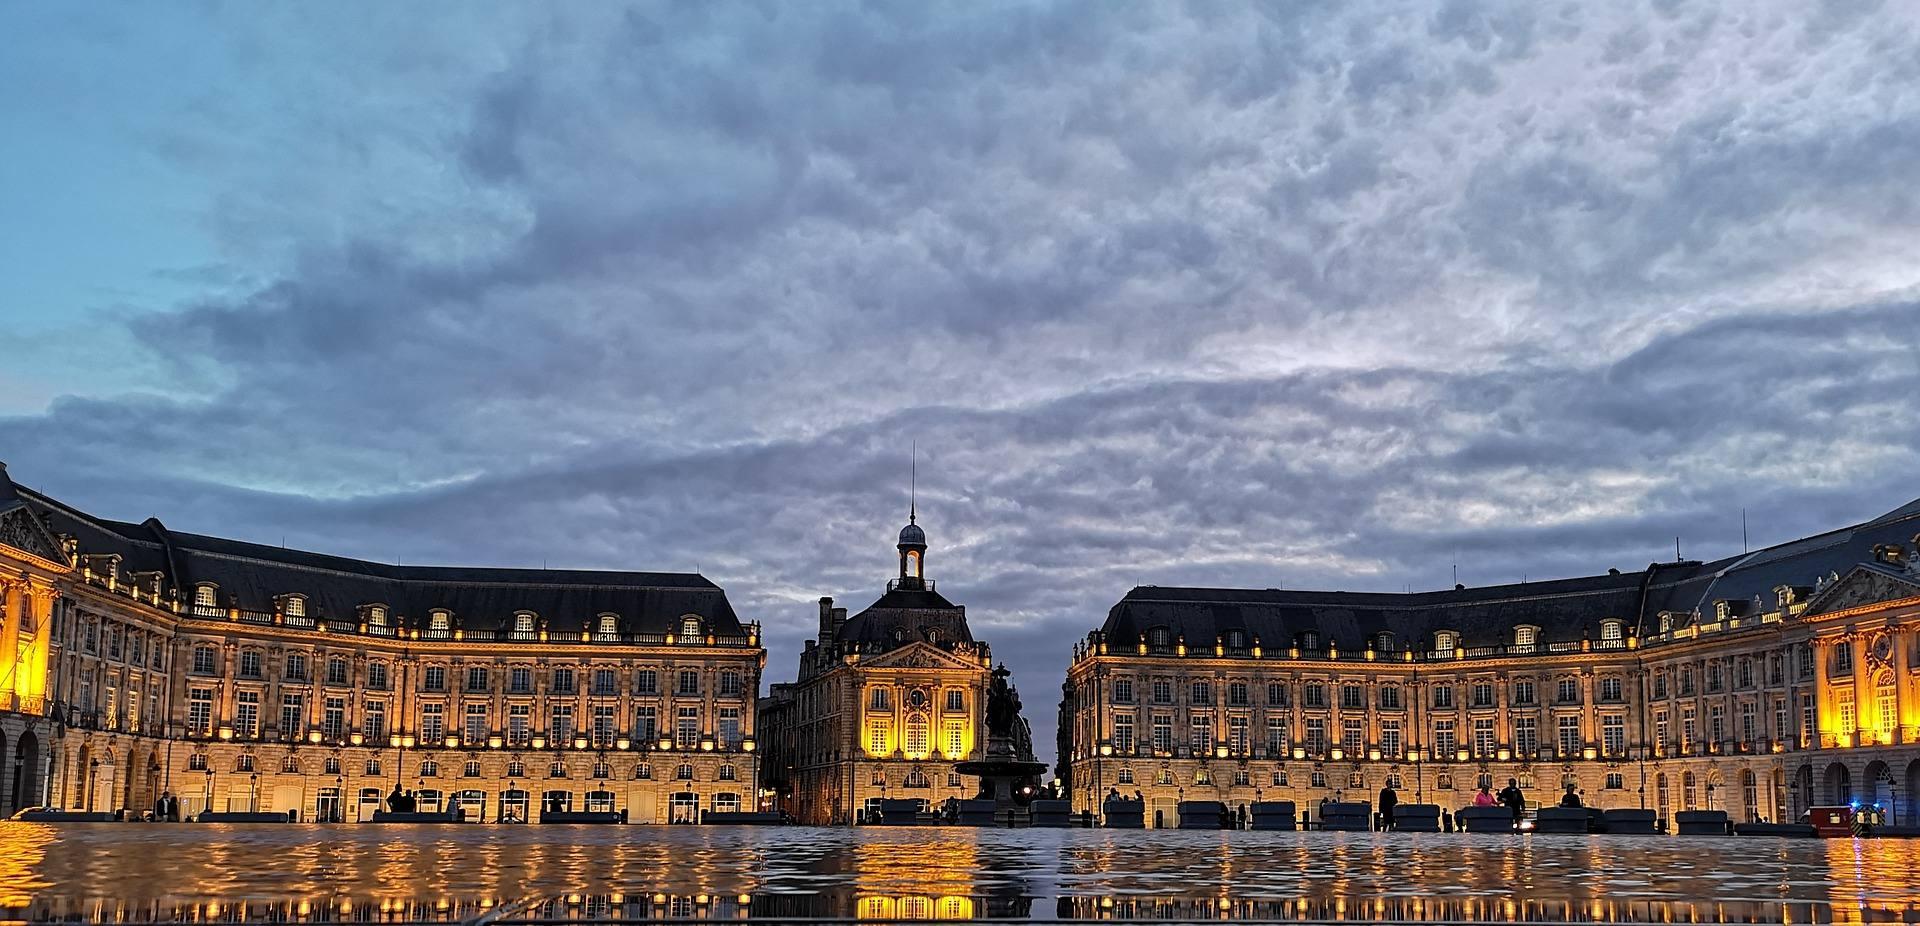 buildings of bordeaux france